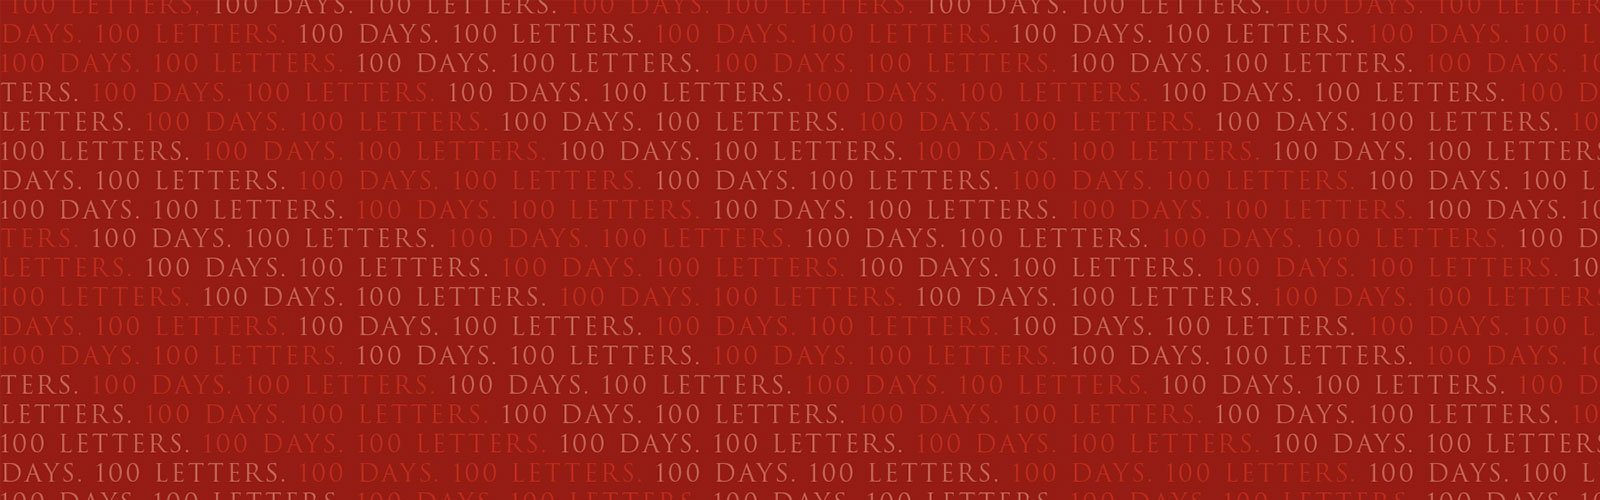 Letter 56